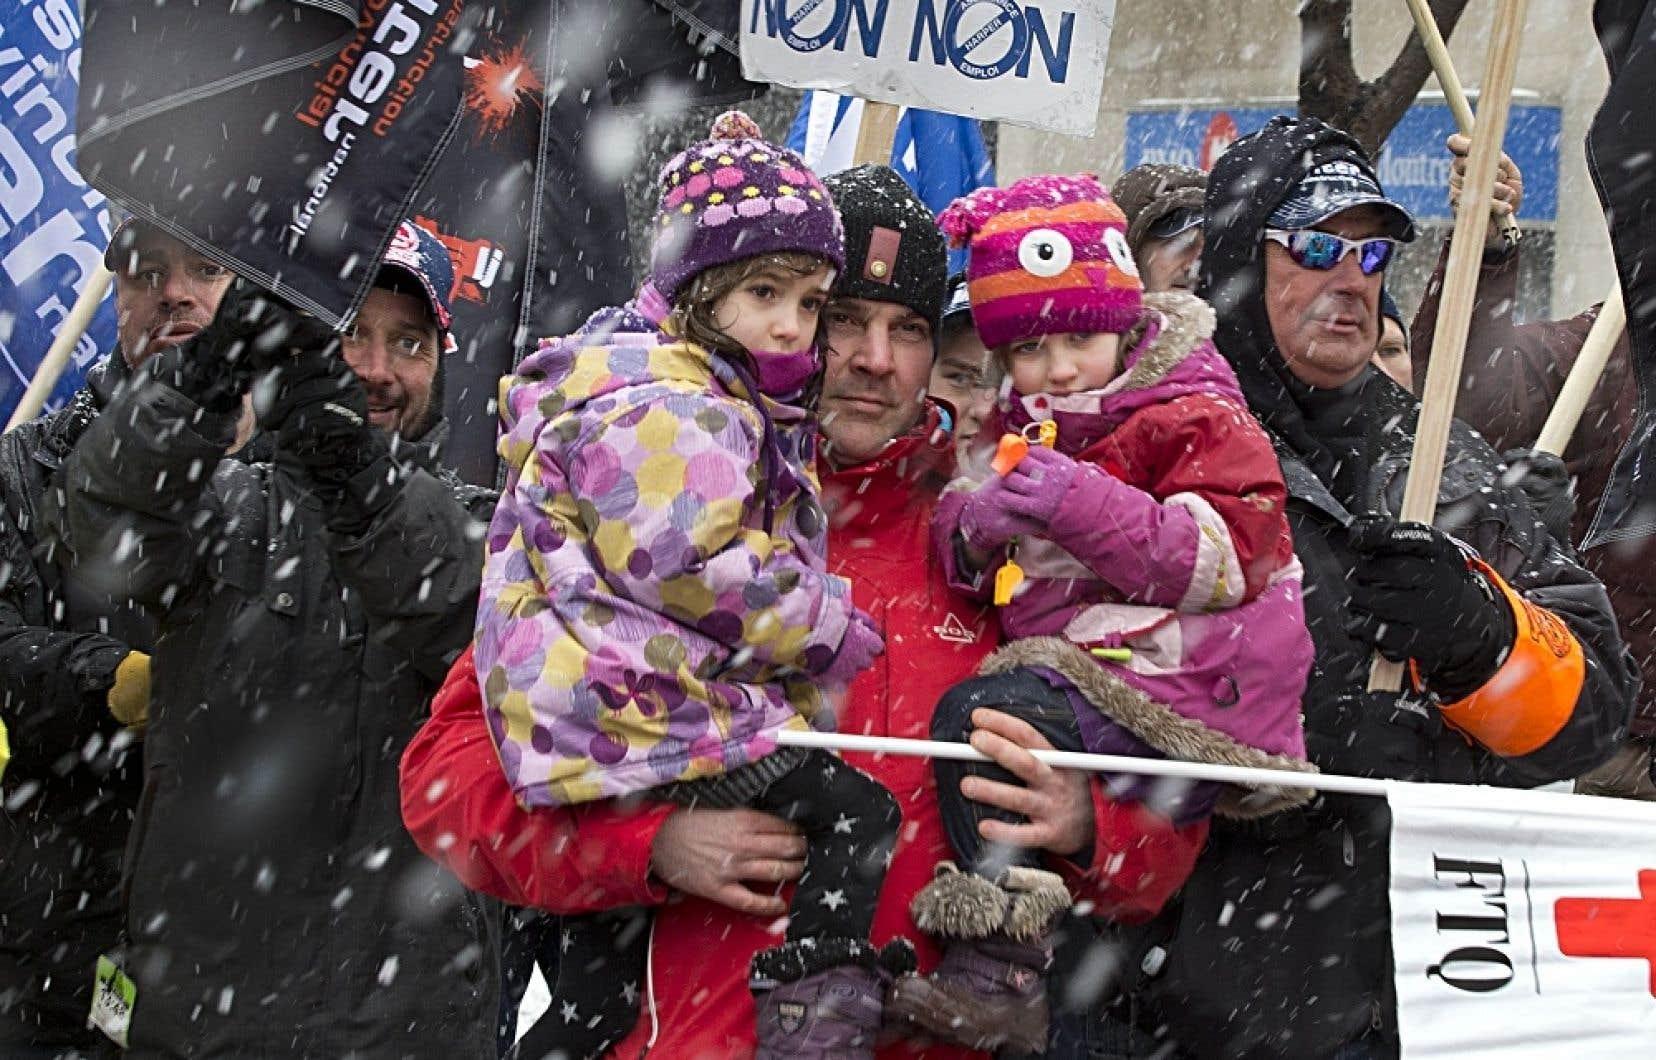 Des milliers de manifestants ont marché à Montréal (notre photo) et dans une dizaine de villes du Québec contre la réforme de l'assurance-emploi du gouvernement Harper.